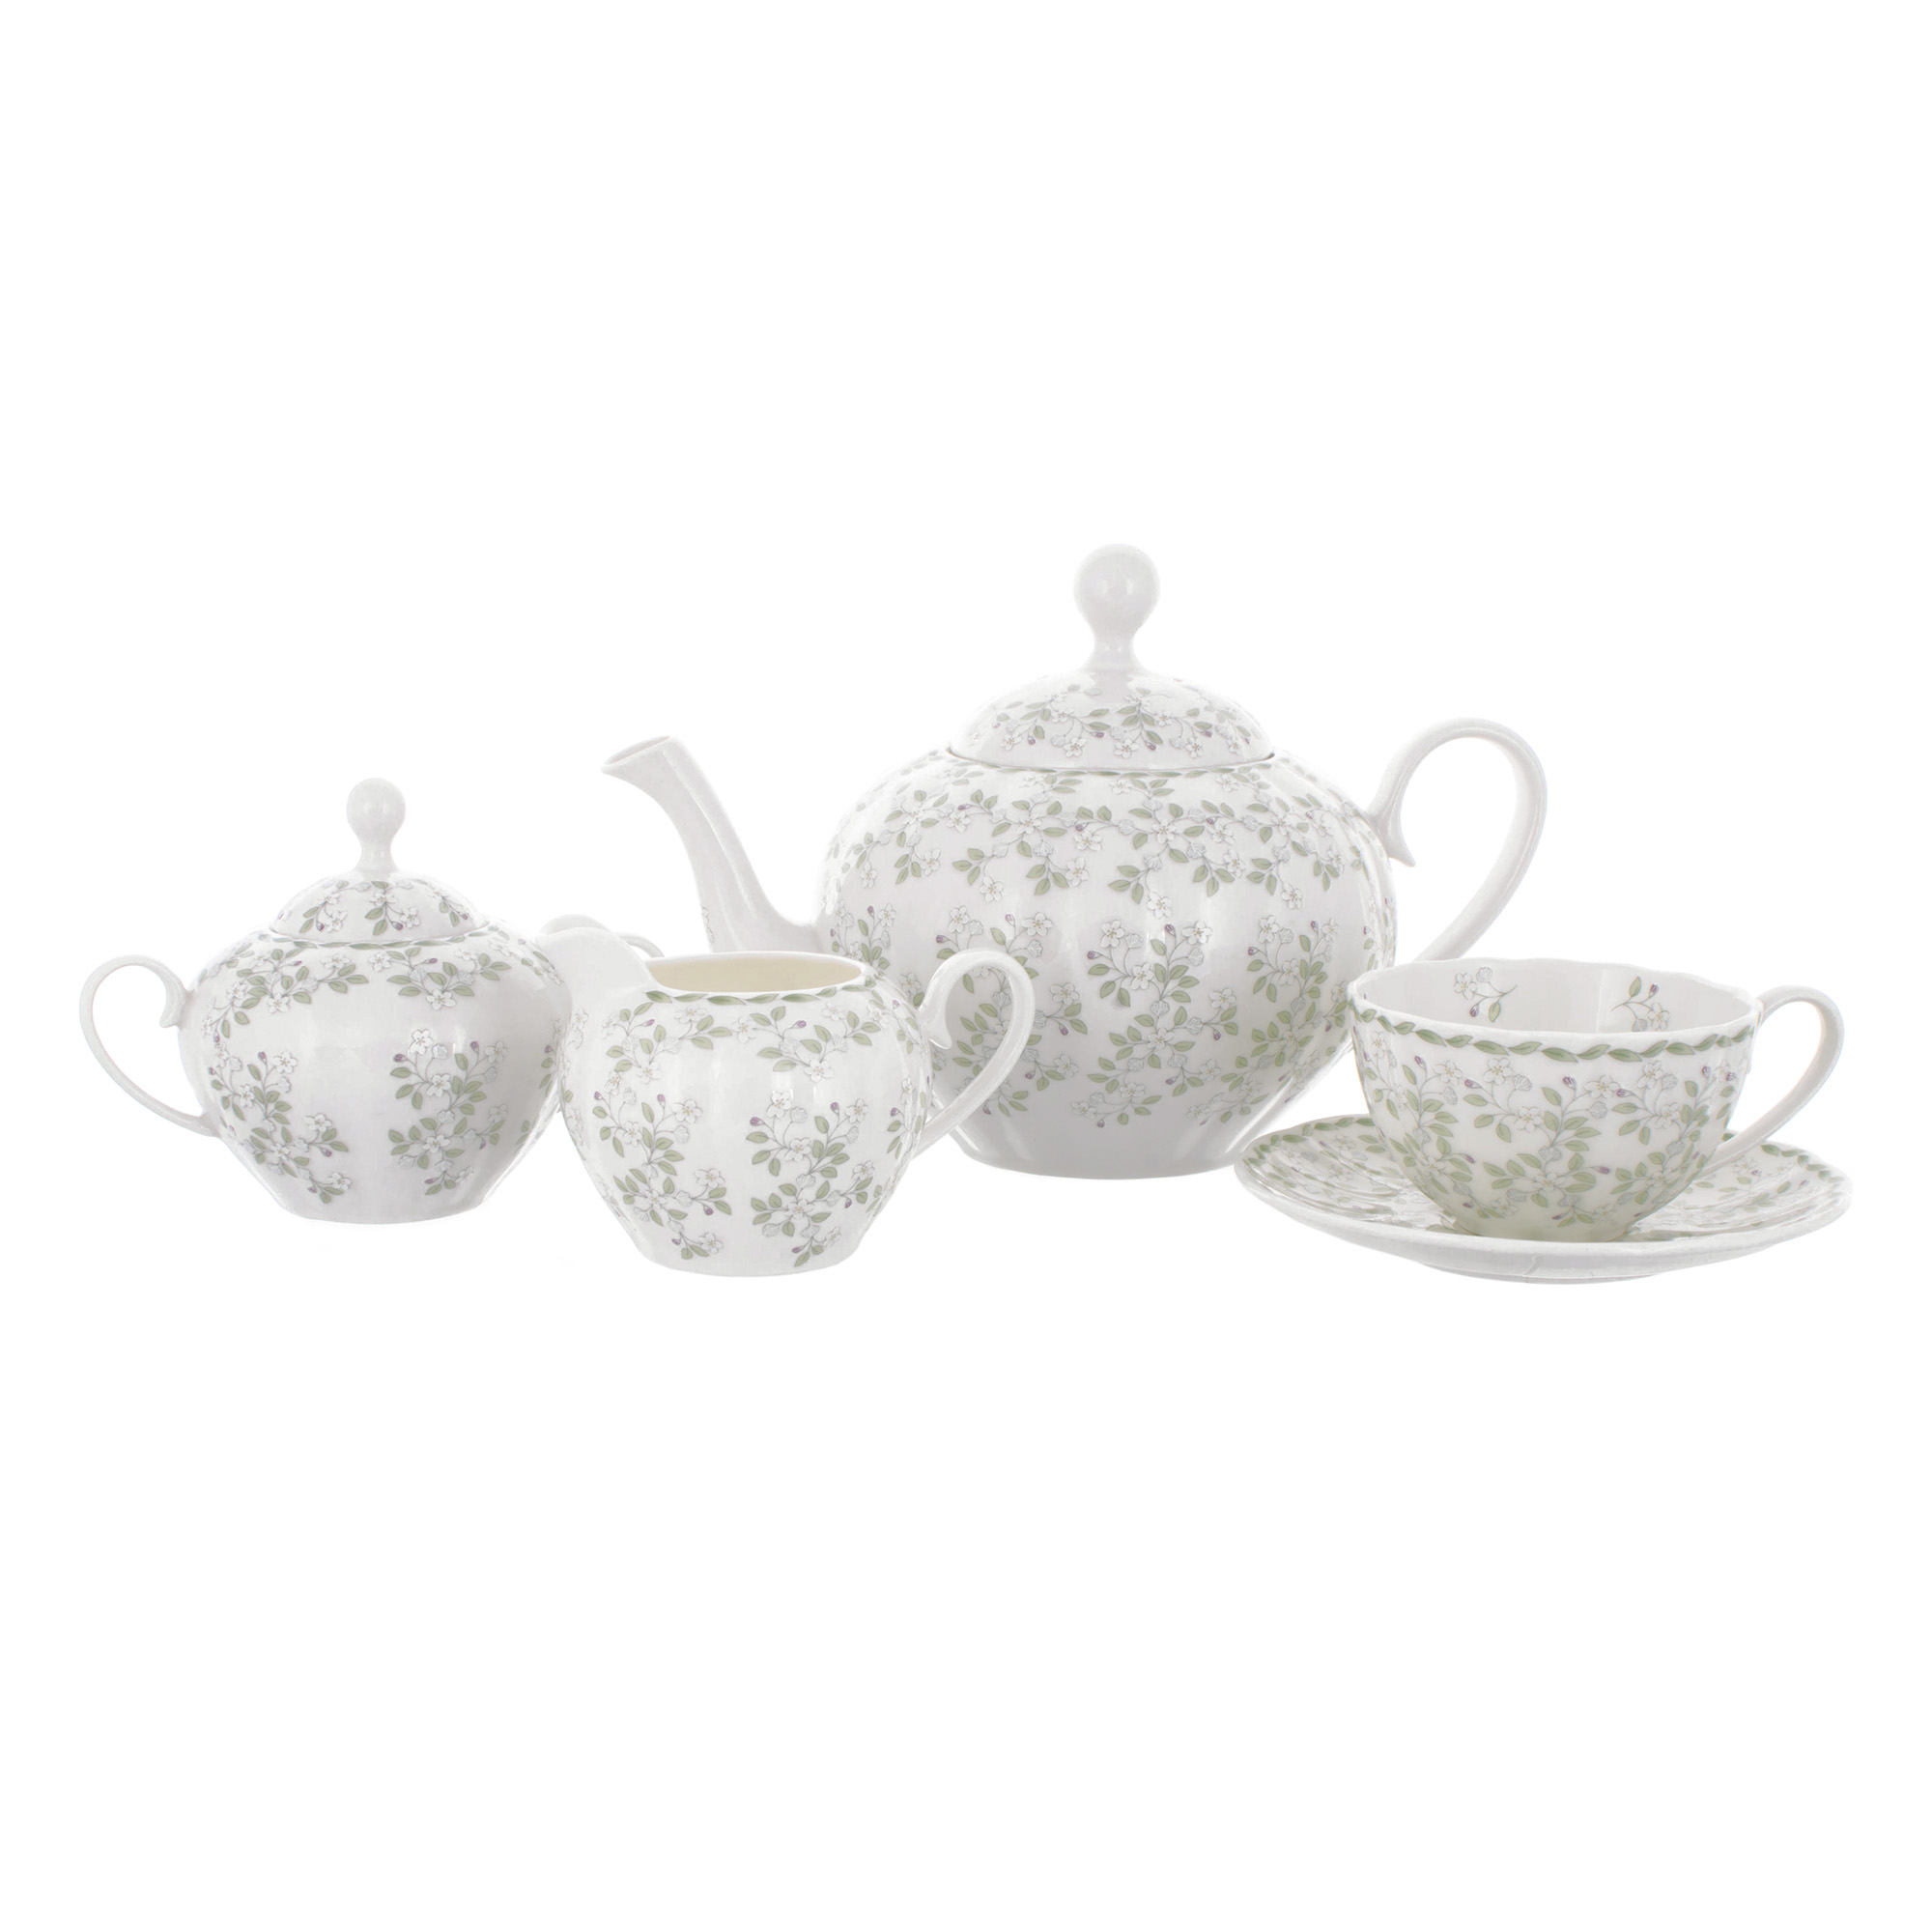 Сервиз чайный Hatori Джулия Грин 17 предметов